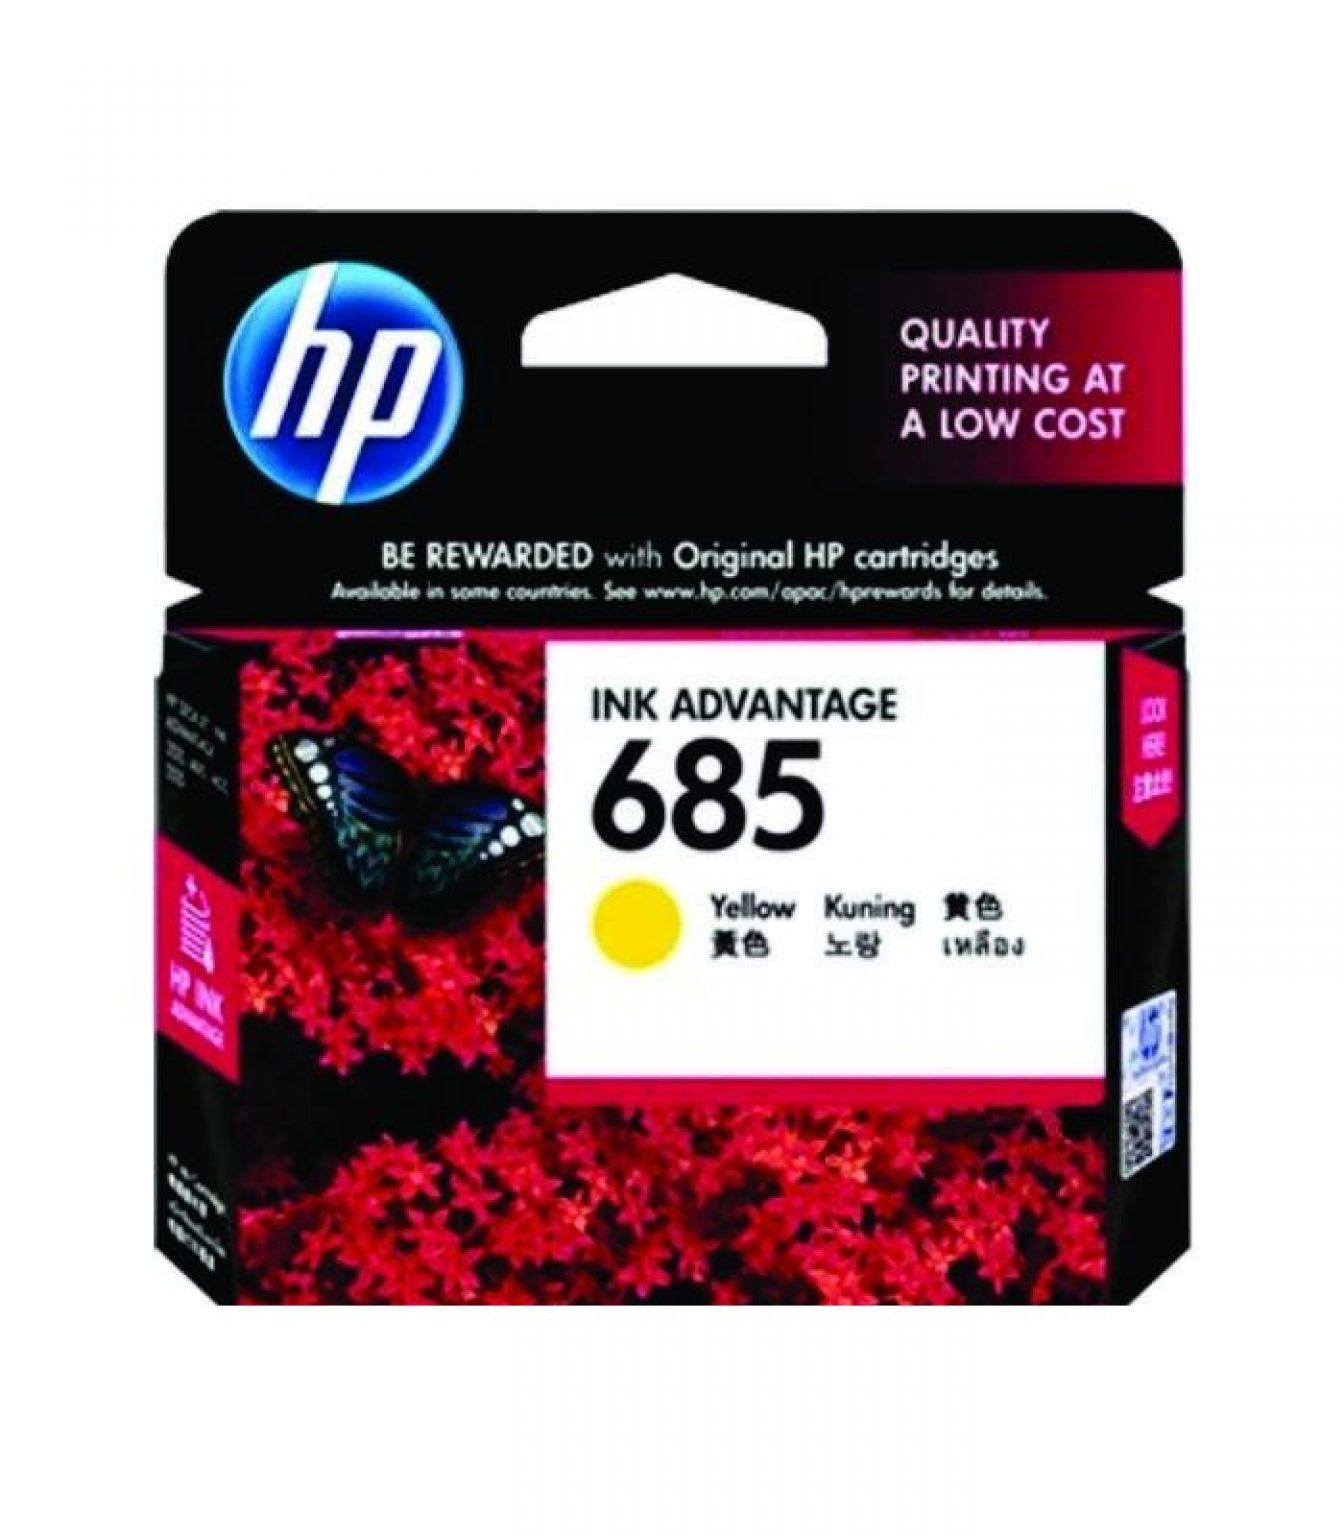 HP - 685 Yellow Ink Cartridge [CZ124AA]